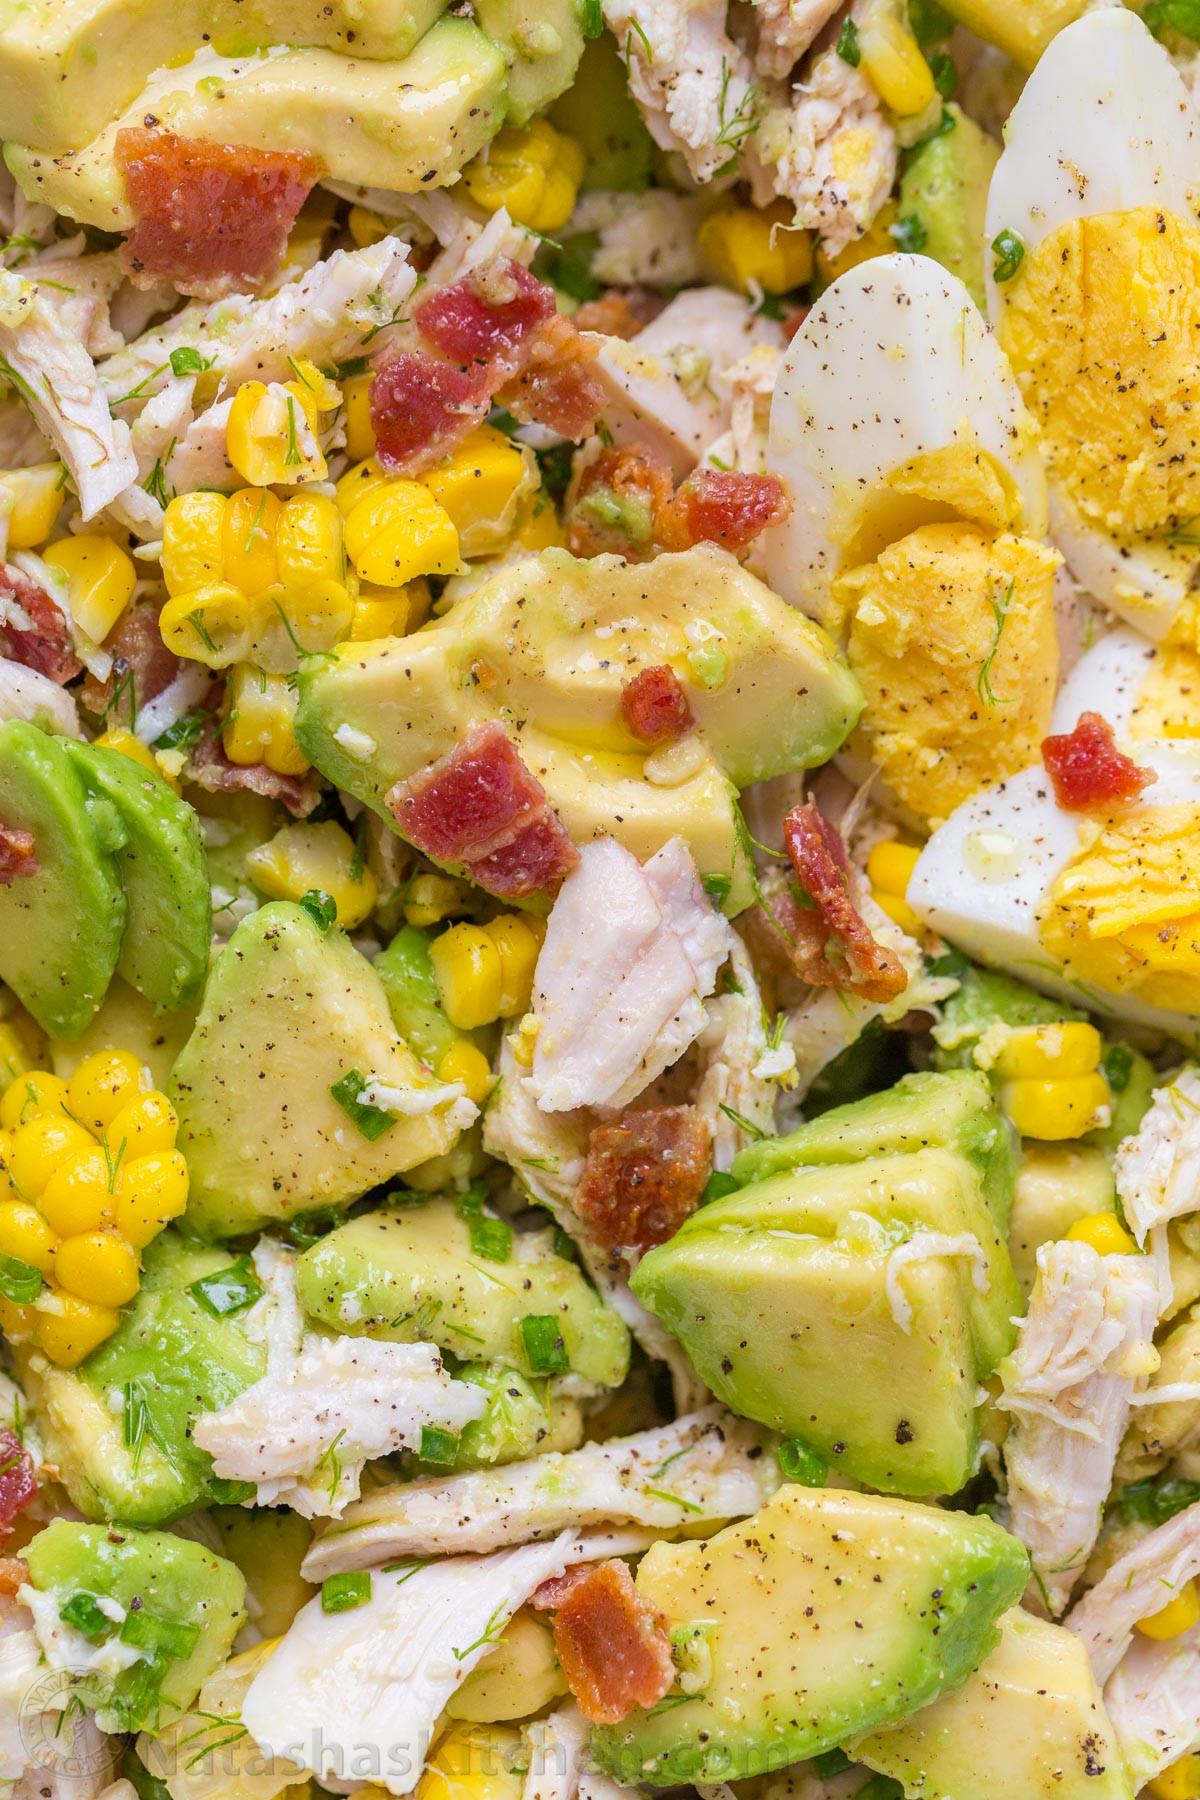 Healthy Chicken And Avocado Recipes  easy avocado chicken salad recipe